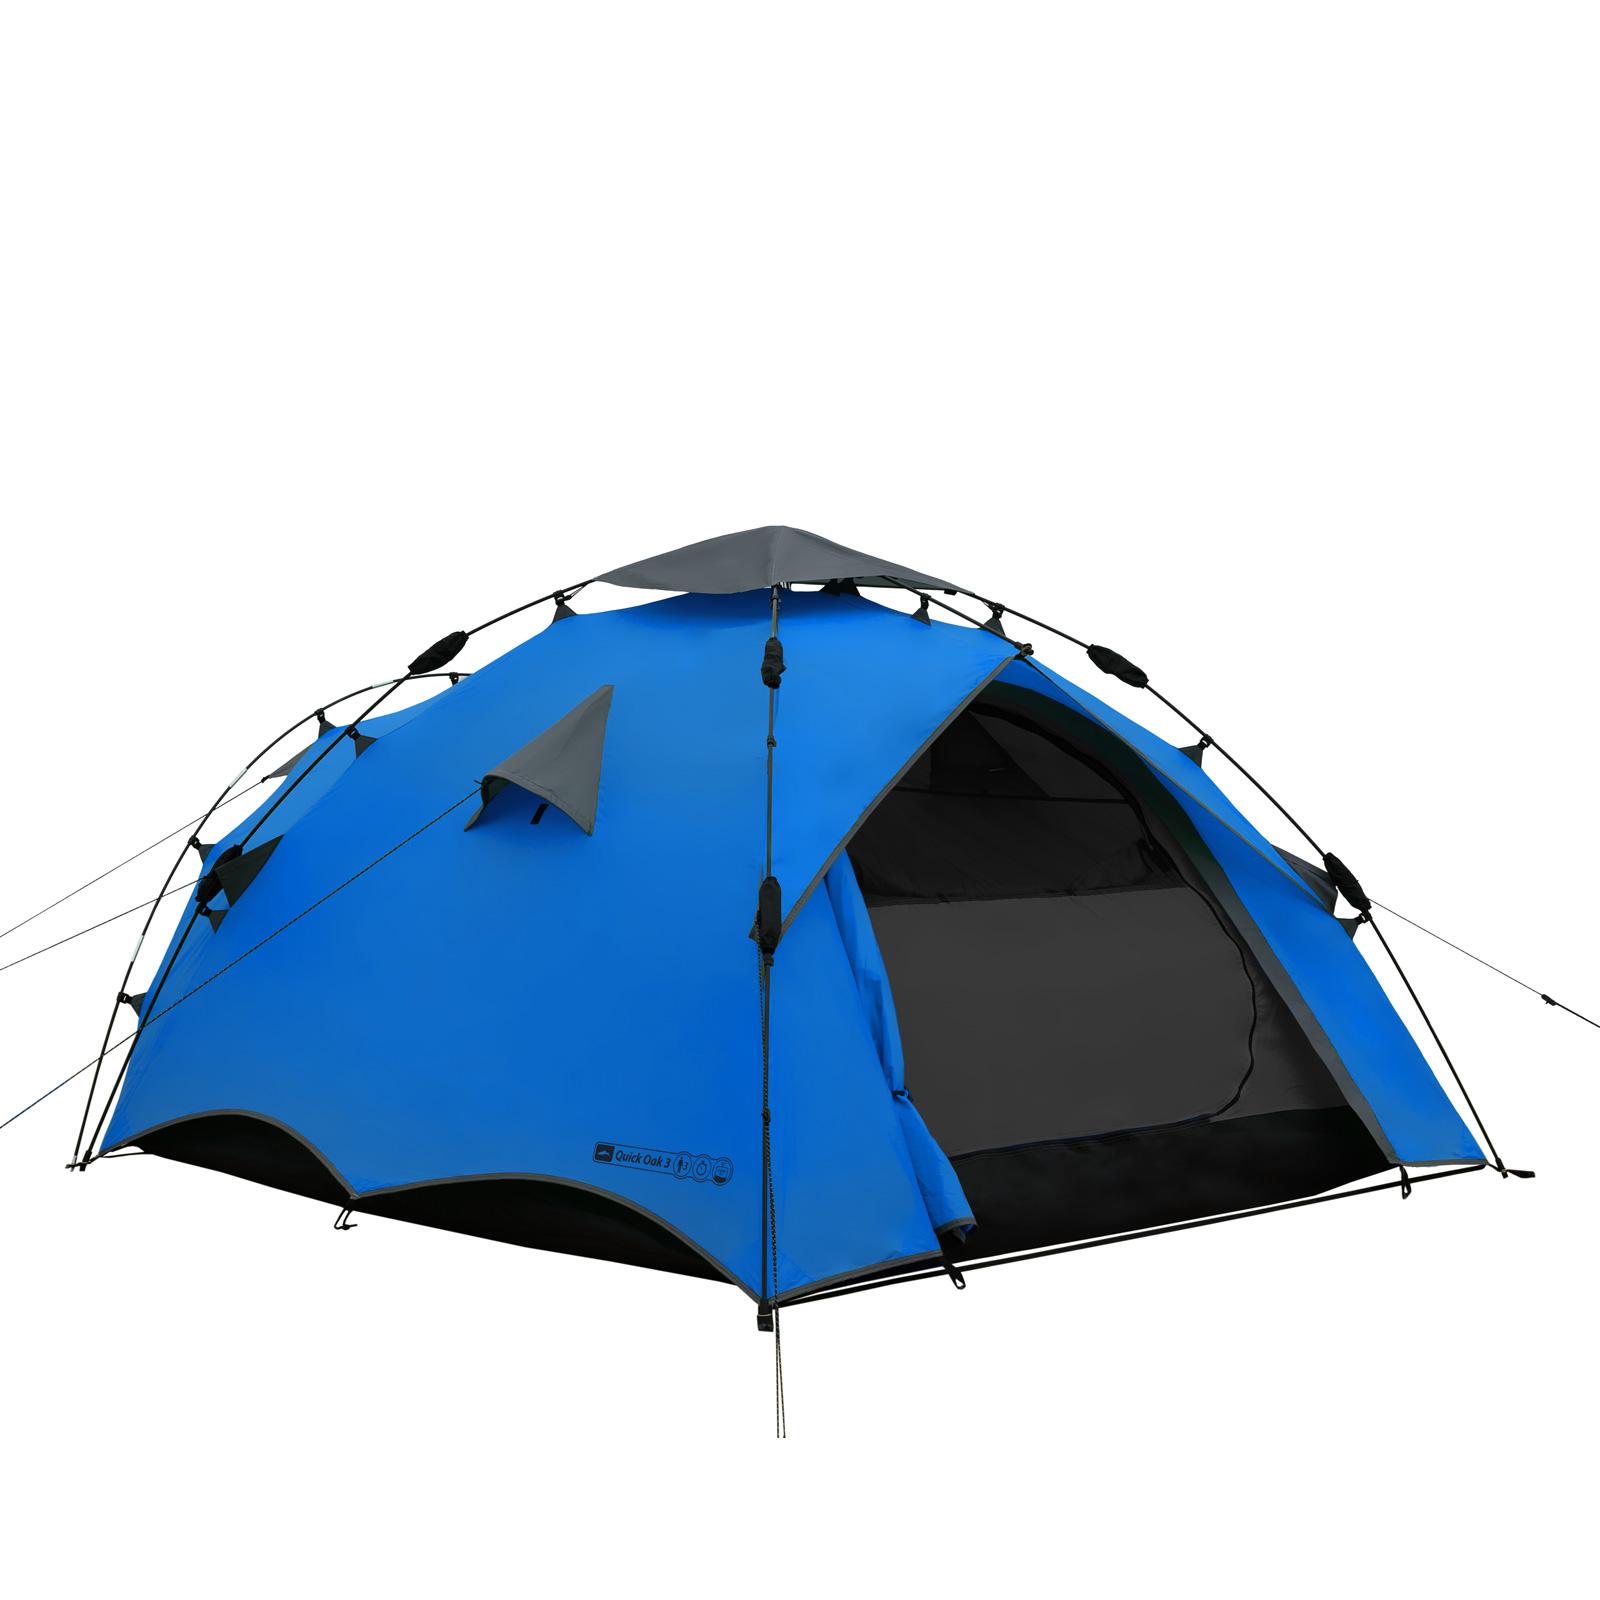 campingzelt qeedo quick oak 3 sekundenzelt 3 personen zelt wurfzelt pop up zelt. Black Bedroom Furniture Sets. Home Design Ideas